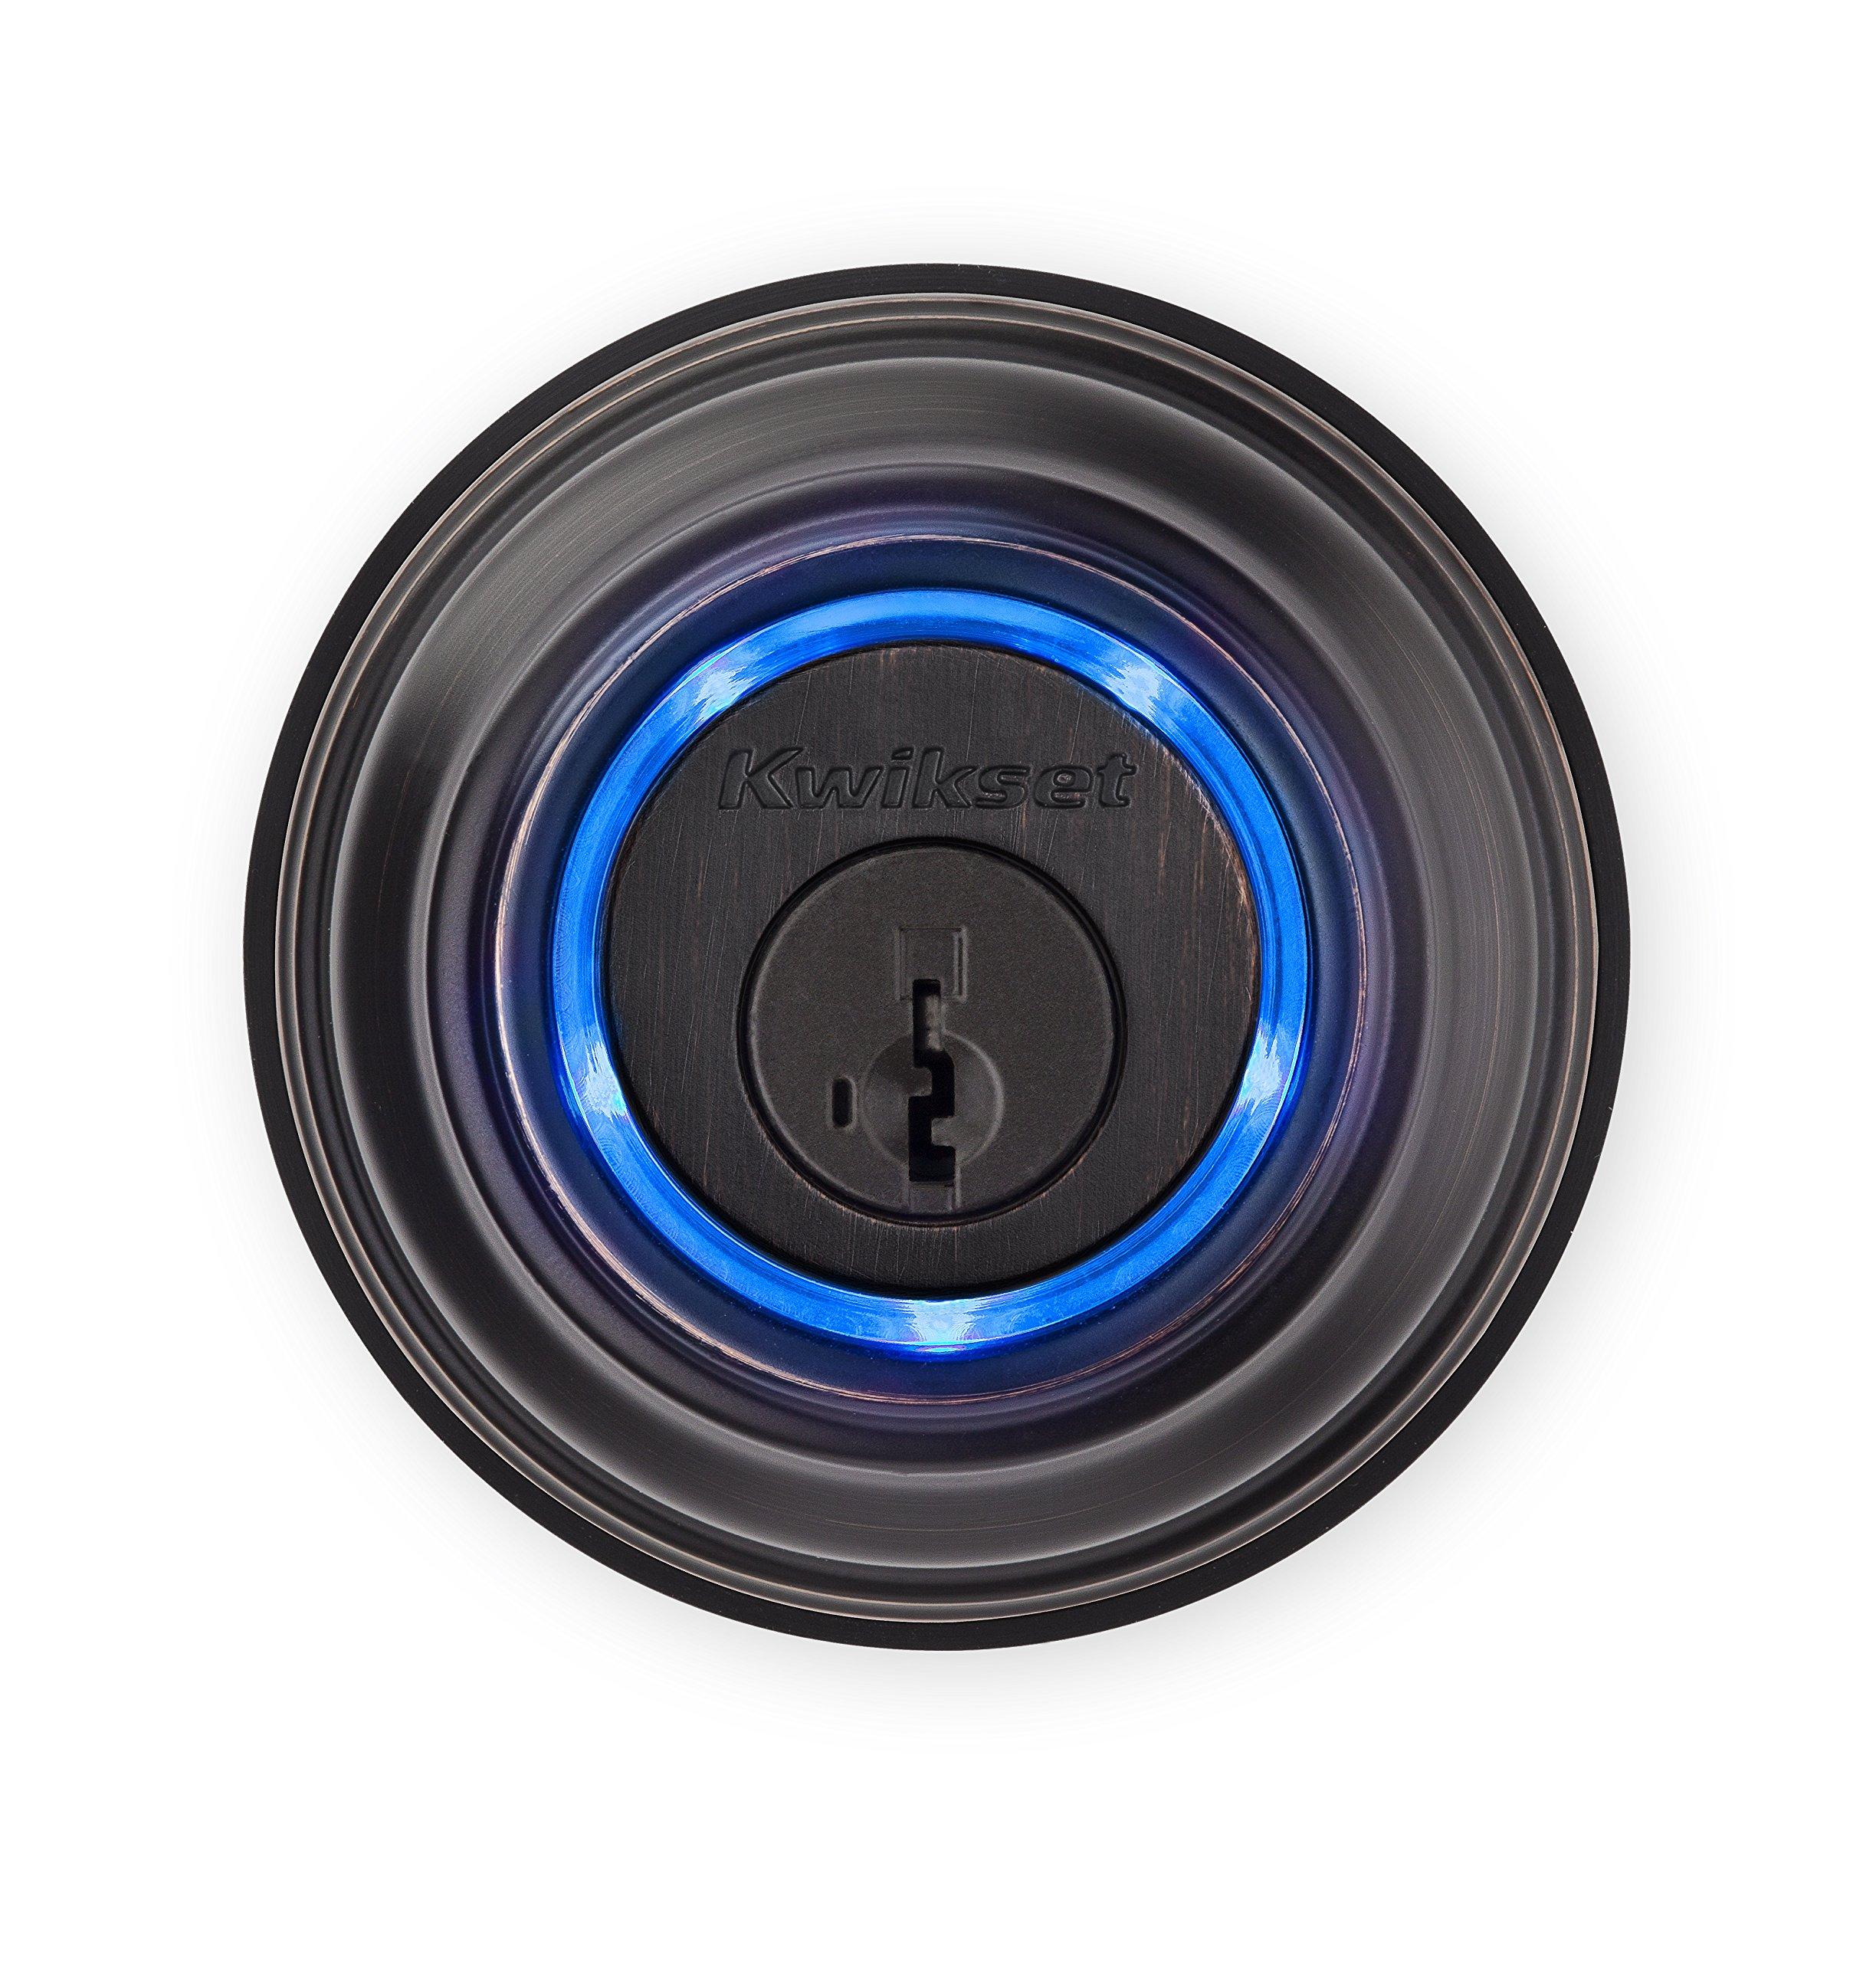 Kwikset - Kevo 99250-203 Kevo 2nd Gen Bluetooth Touch-to-Open Deadbolt Smart Lock Featuring SmartKey Security, Venetian Bronze by Kwikset